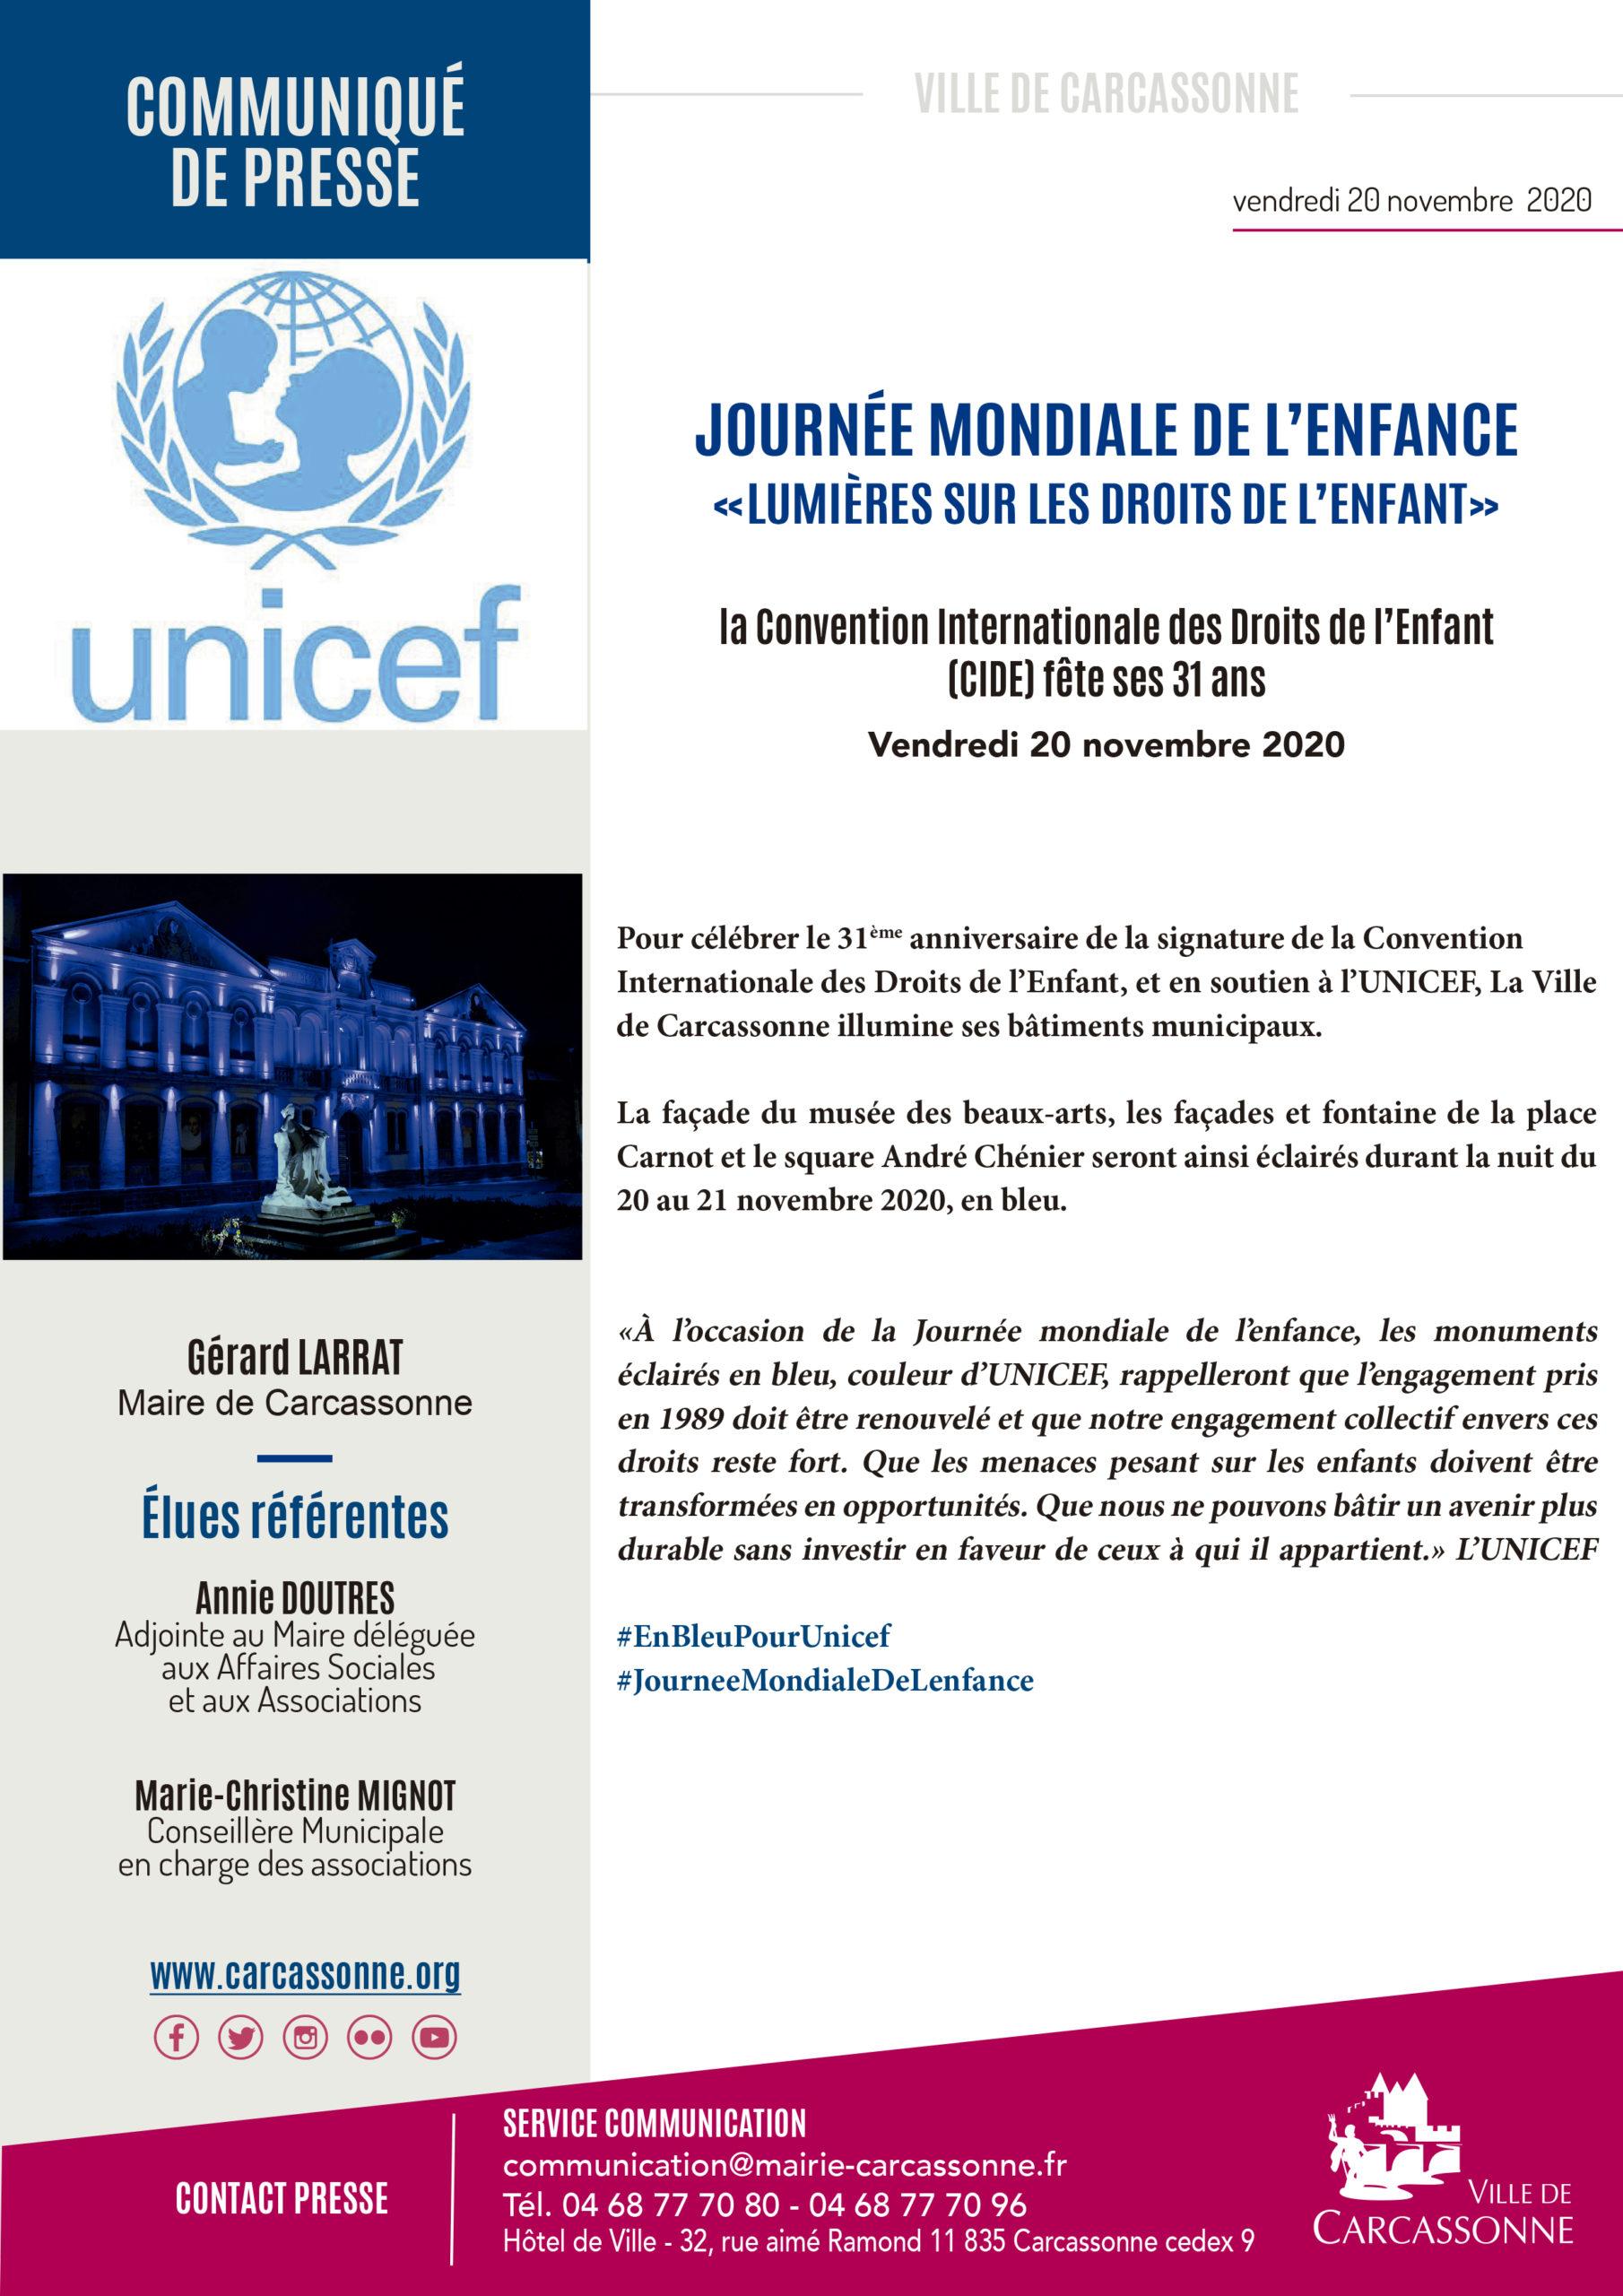 Info presse : Lumières sur les droits de l'enfant